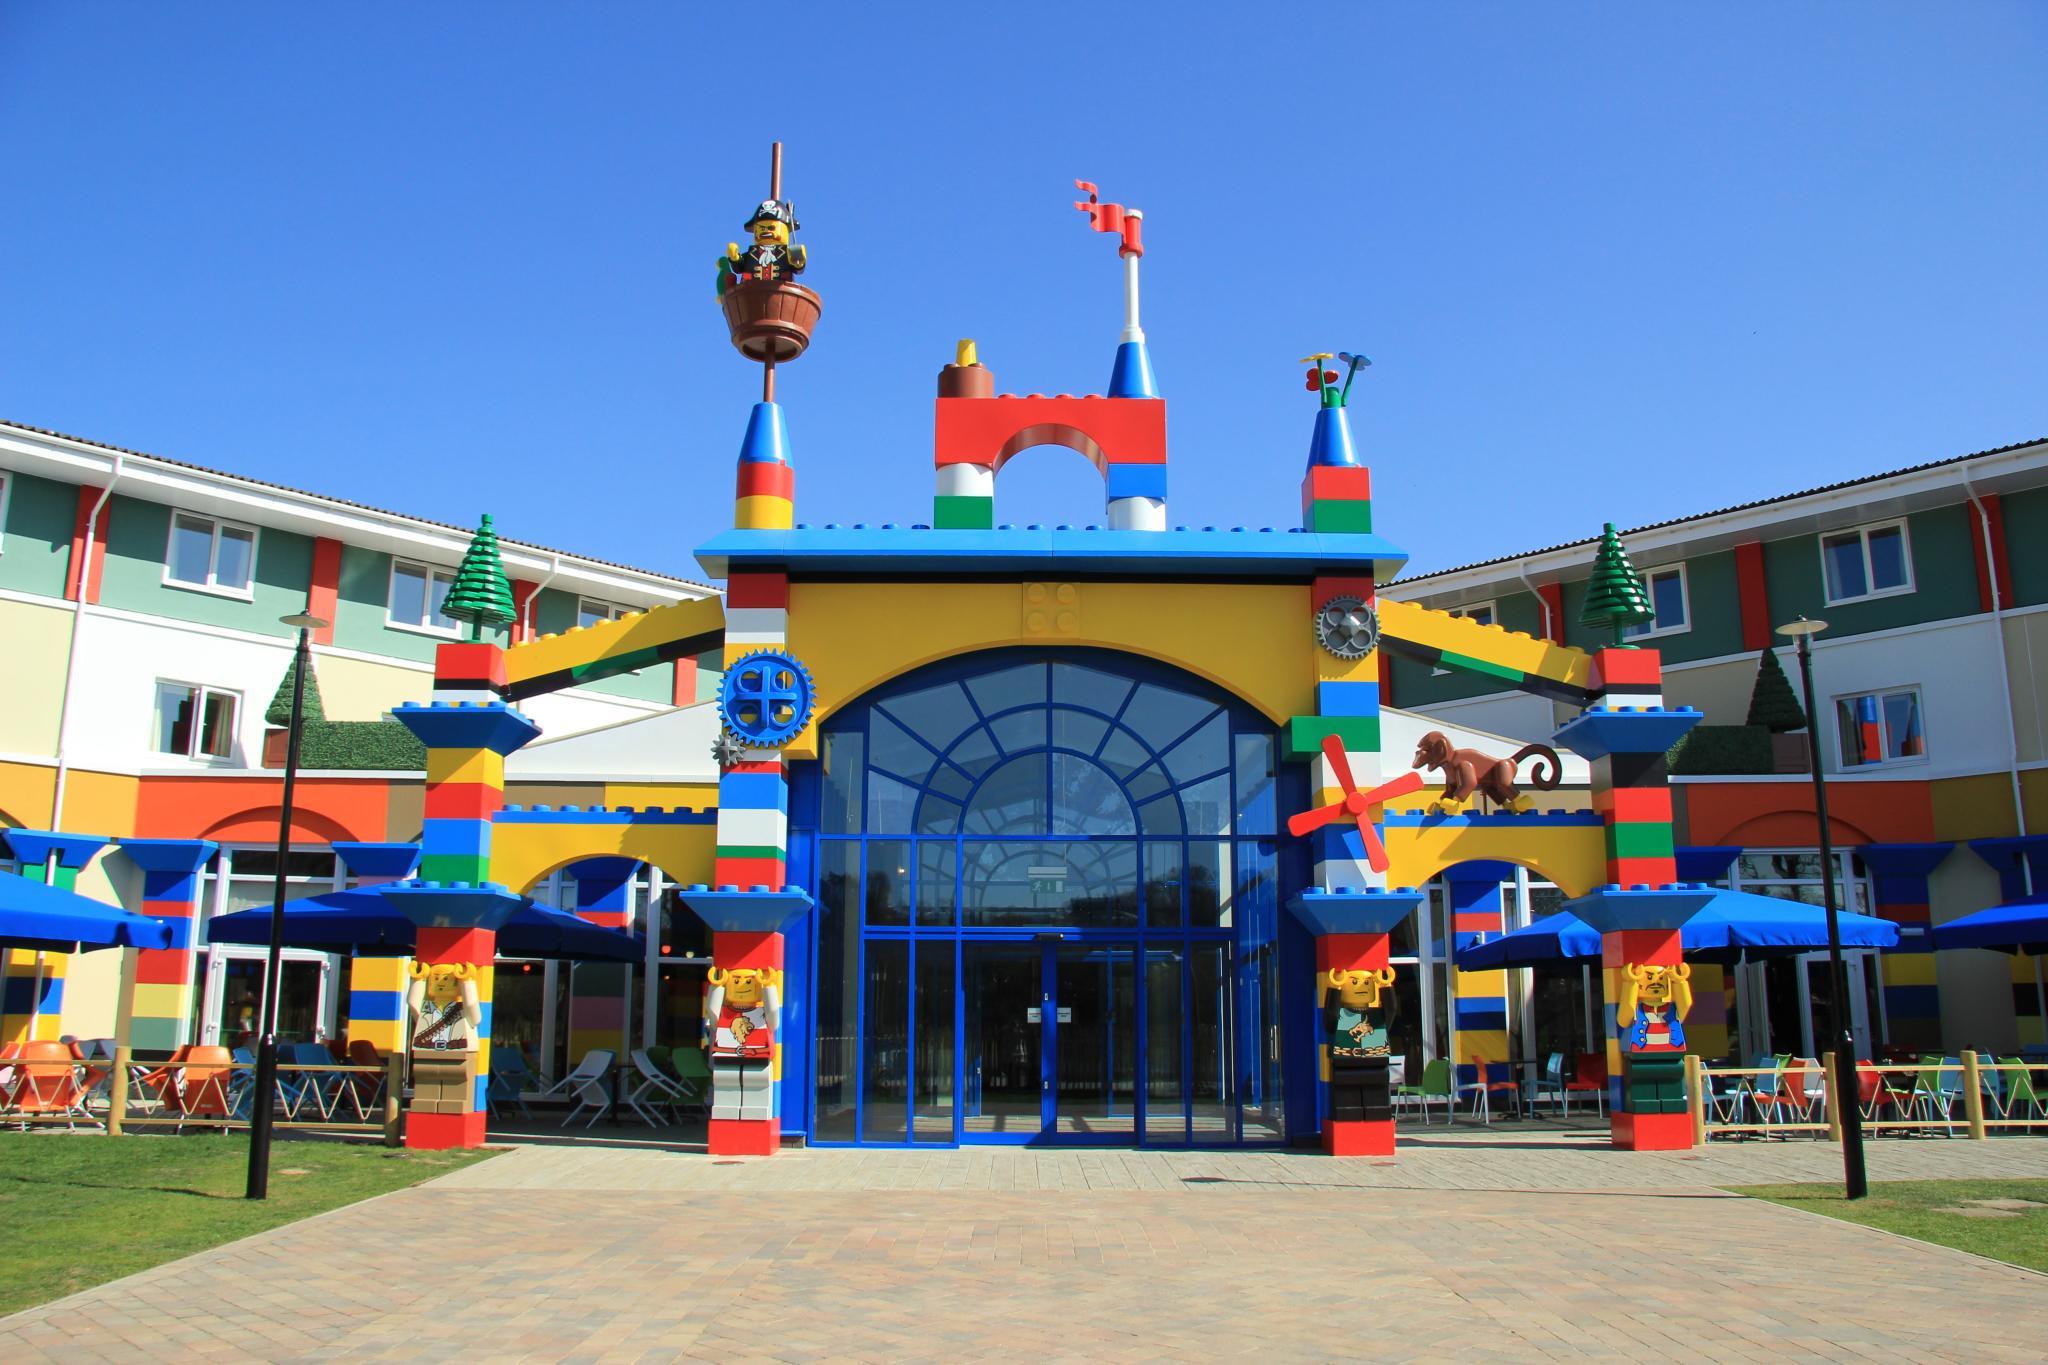 大人気おもちゃ・レゴのテーマパーク「レゴランド」が、2017年春に名古屋でオープン! - 7050718363 41f8652089 o